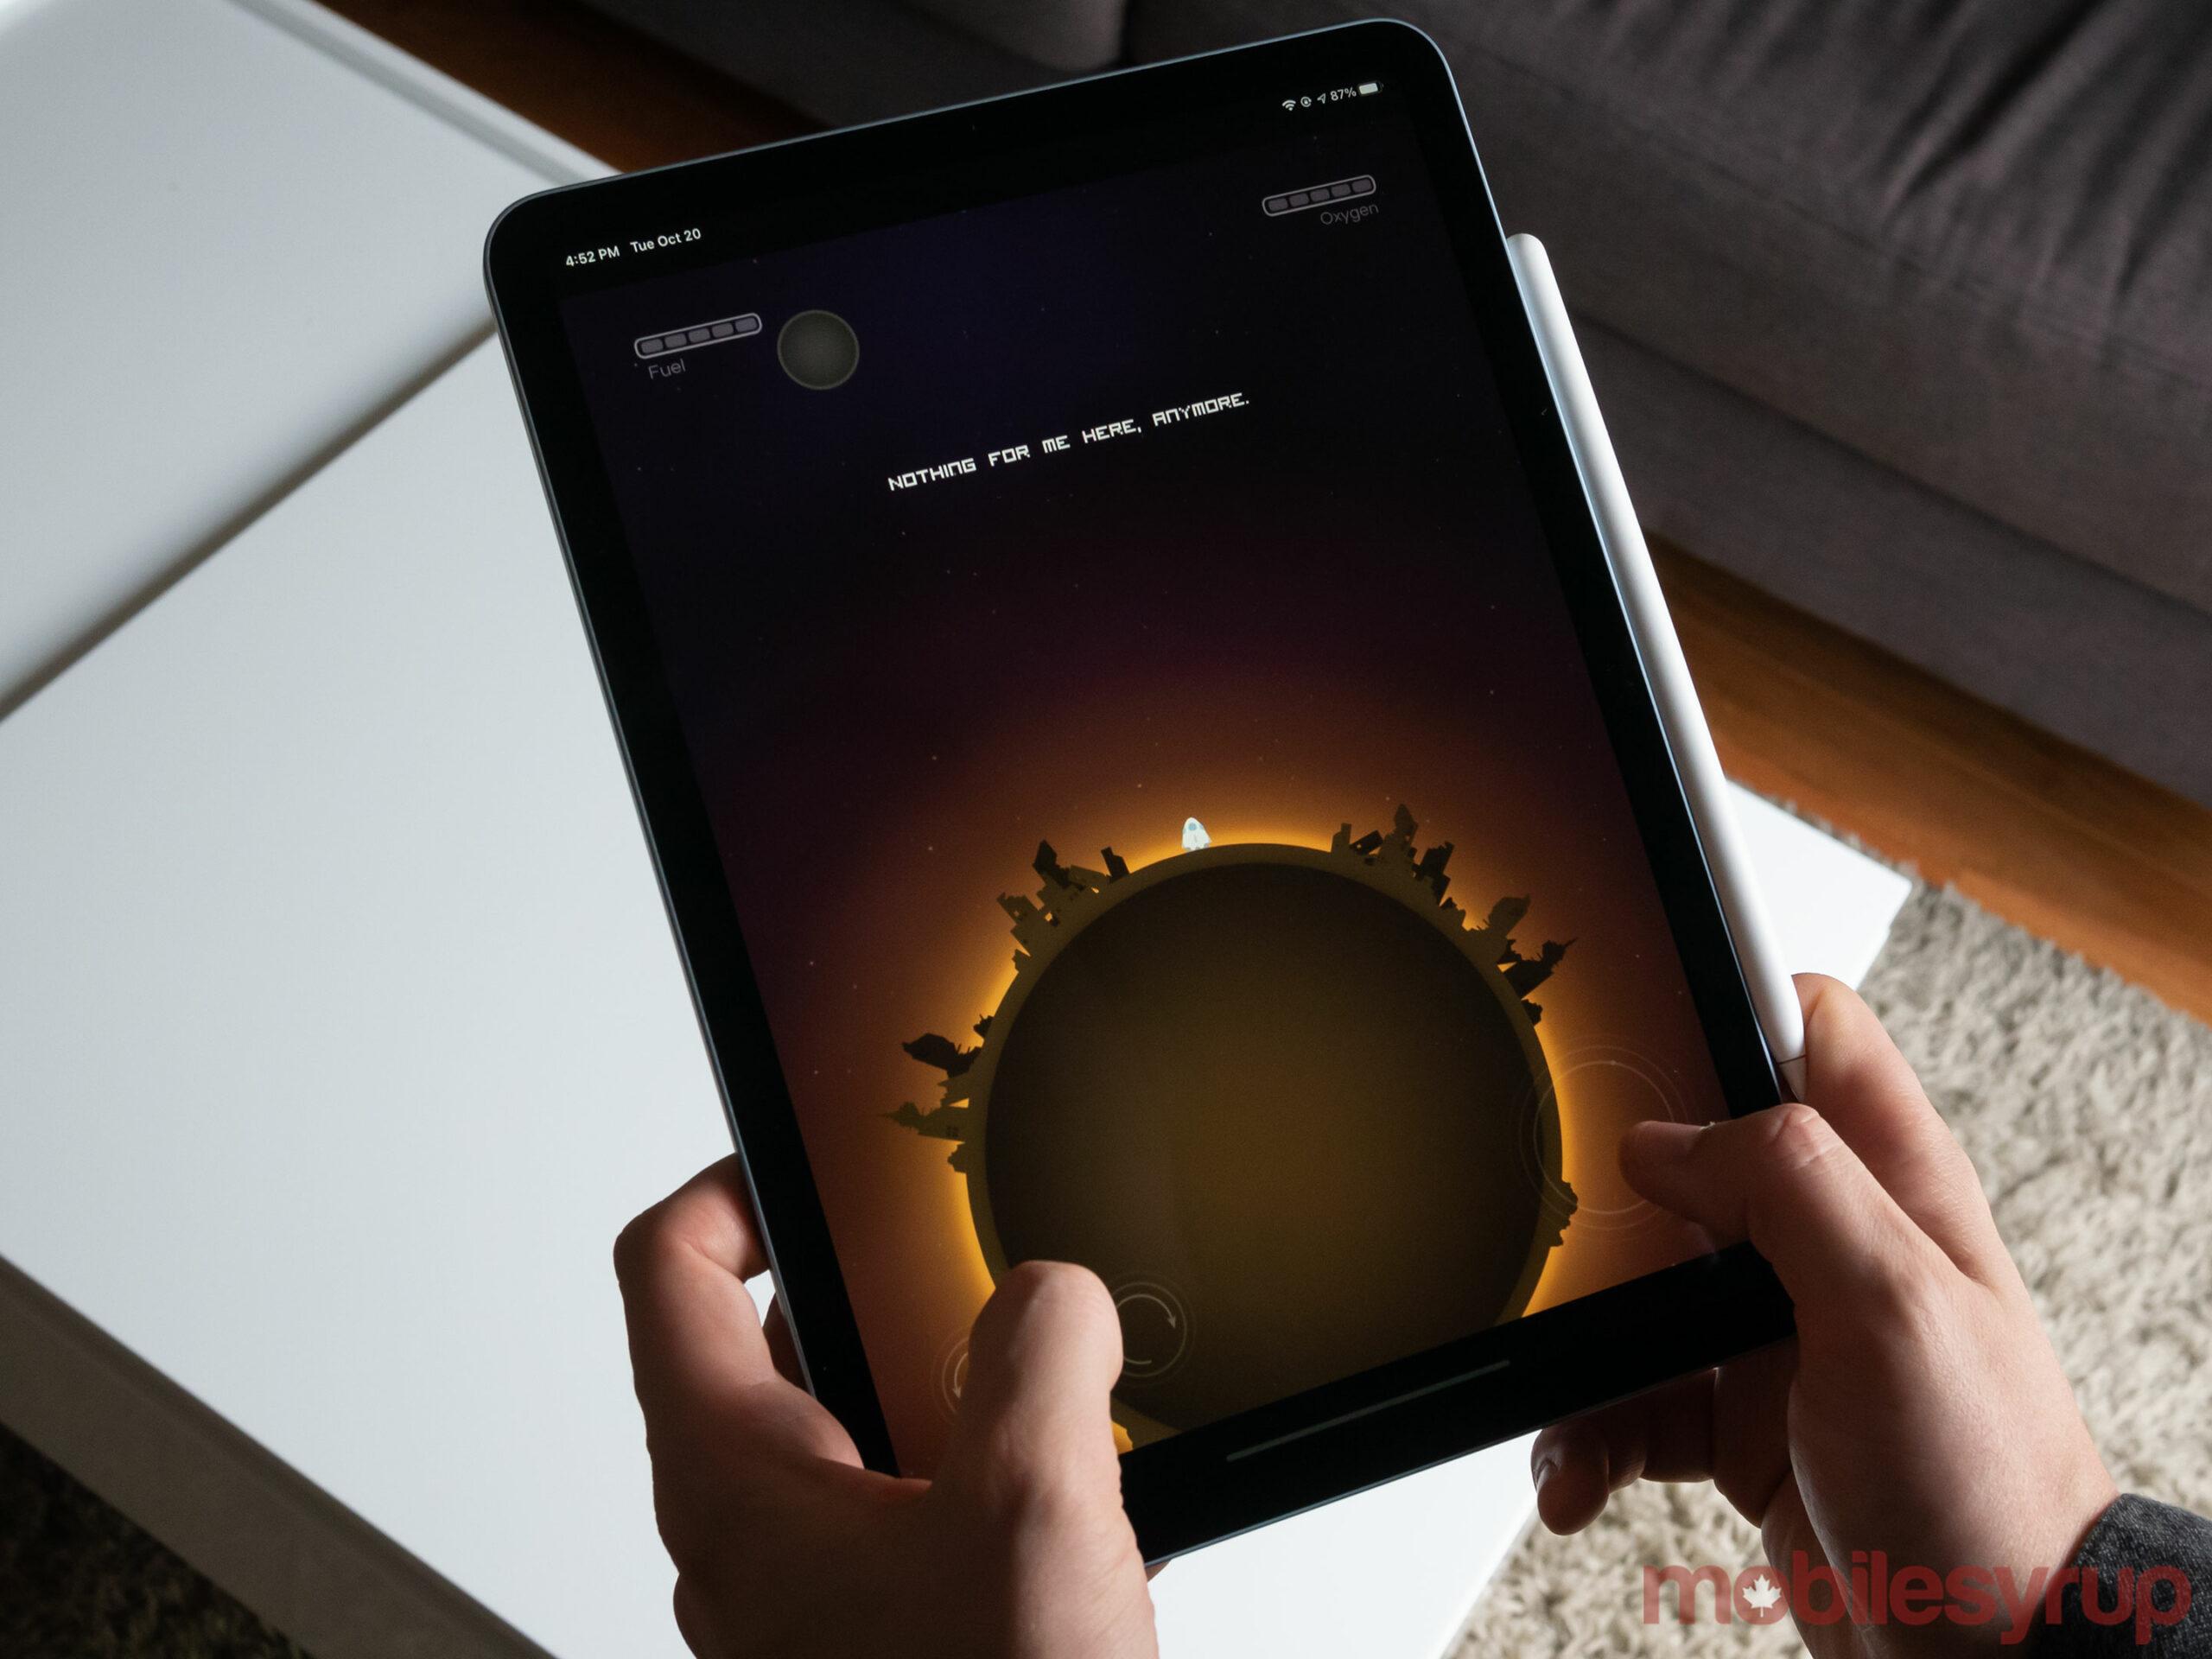 iPad Air gaming